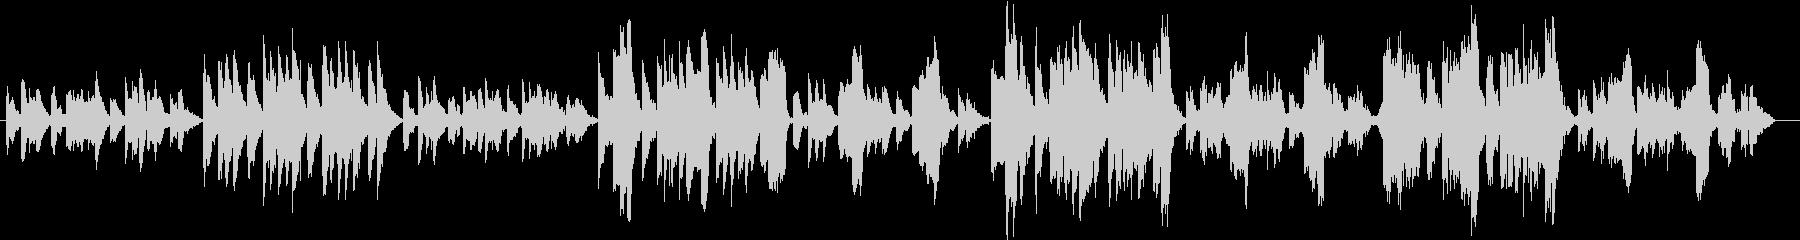 エリック・サティのヴェクサシオンの未再生の波形